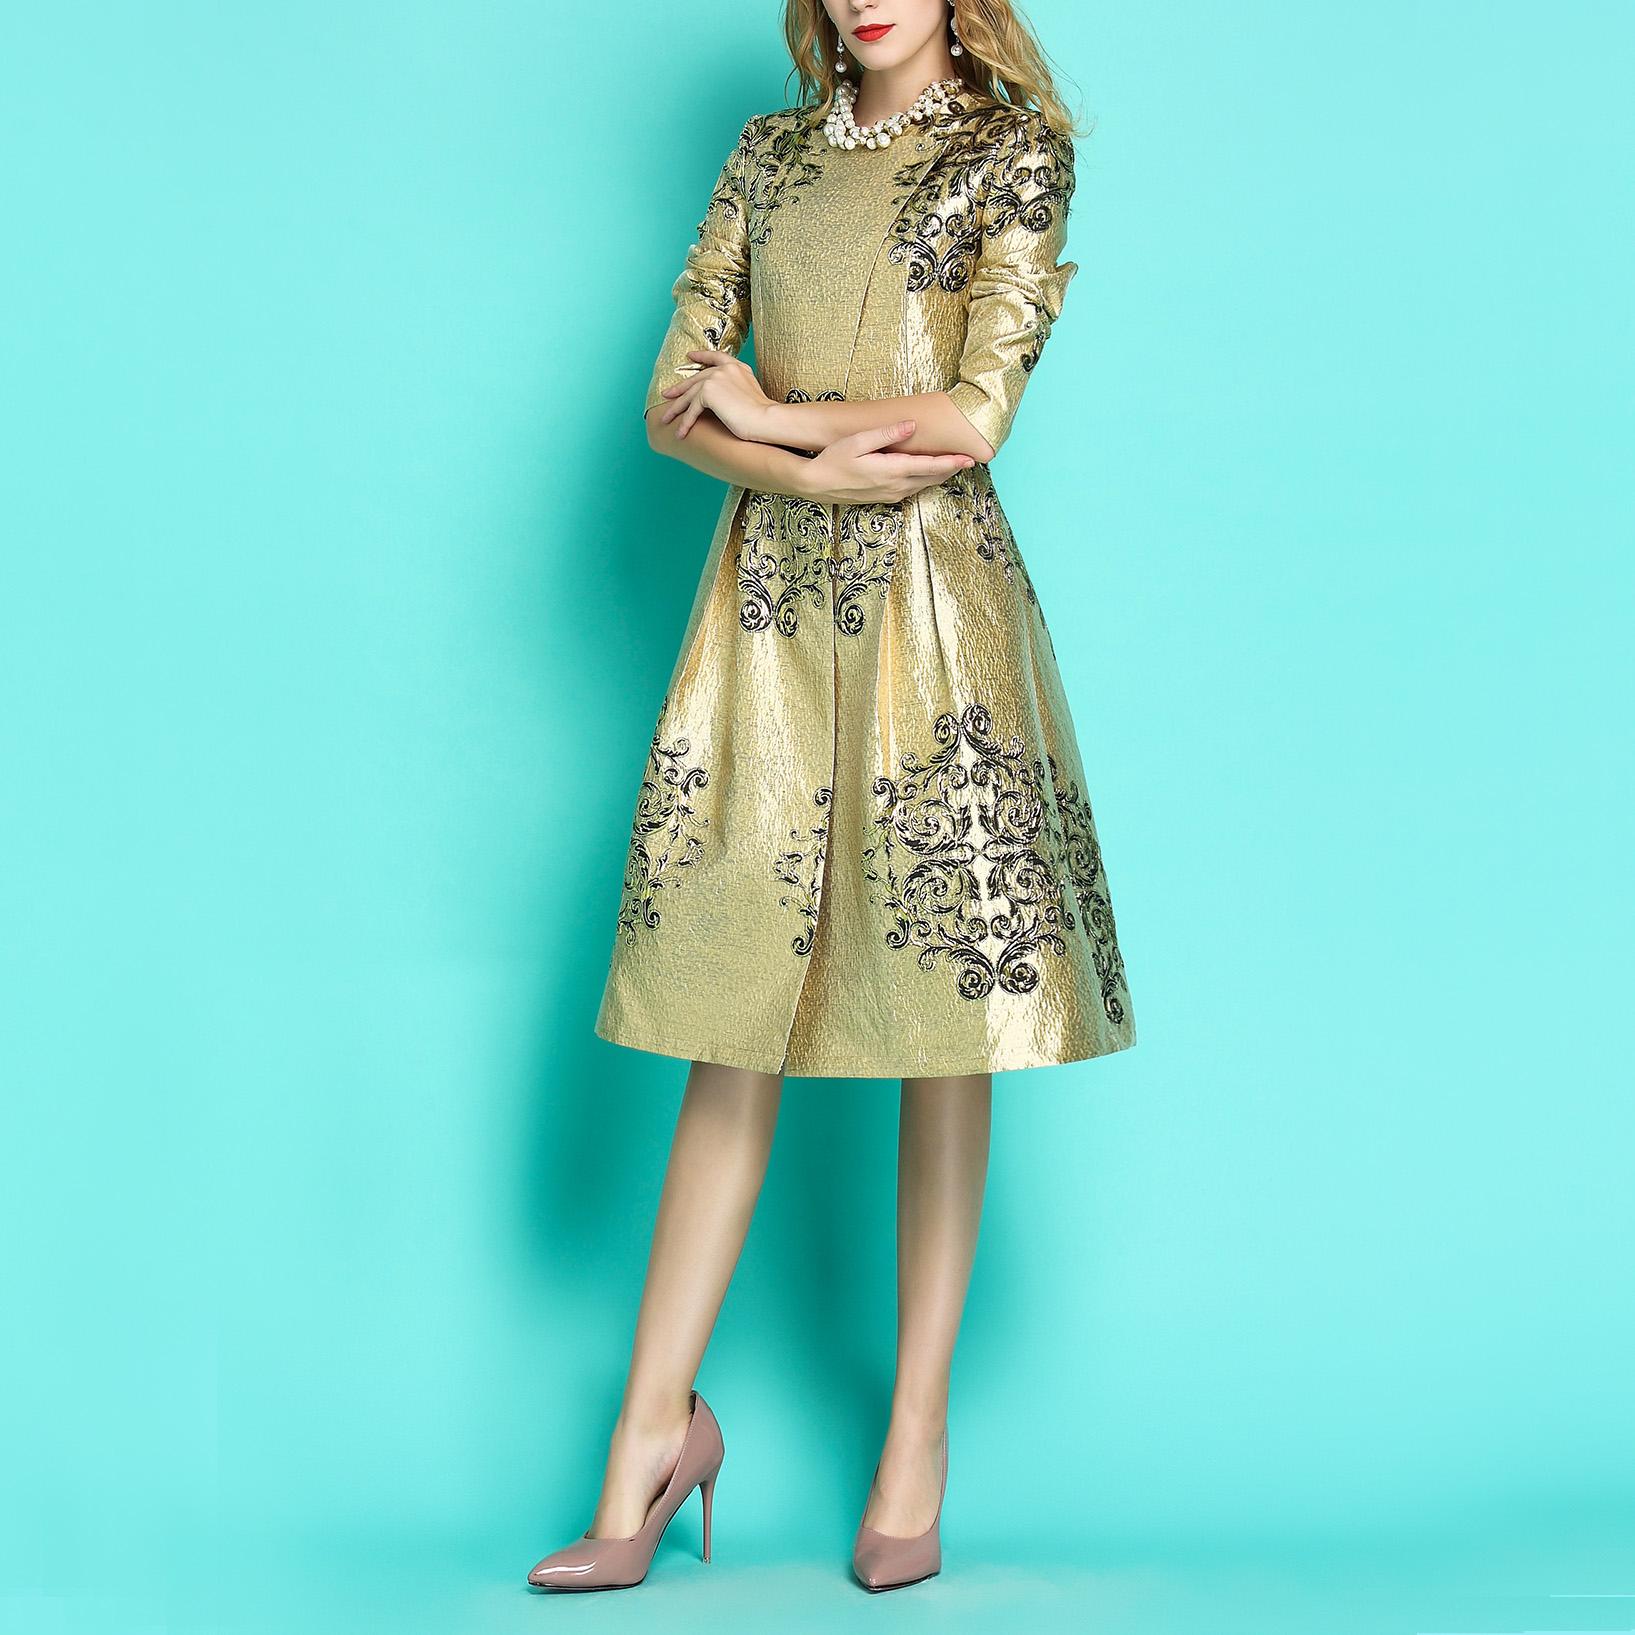 圆领连衣裙式风衣